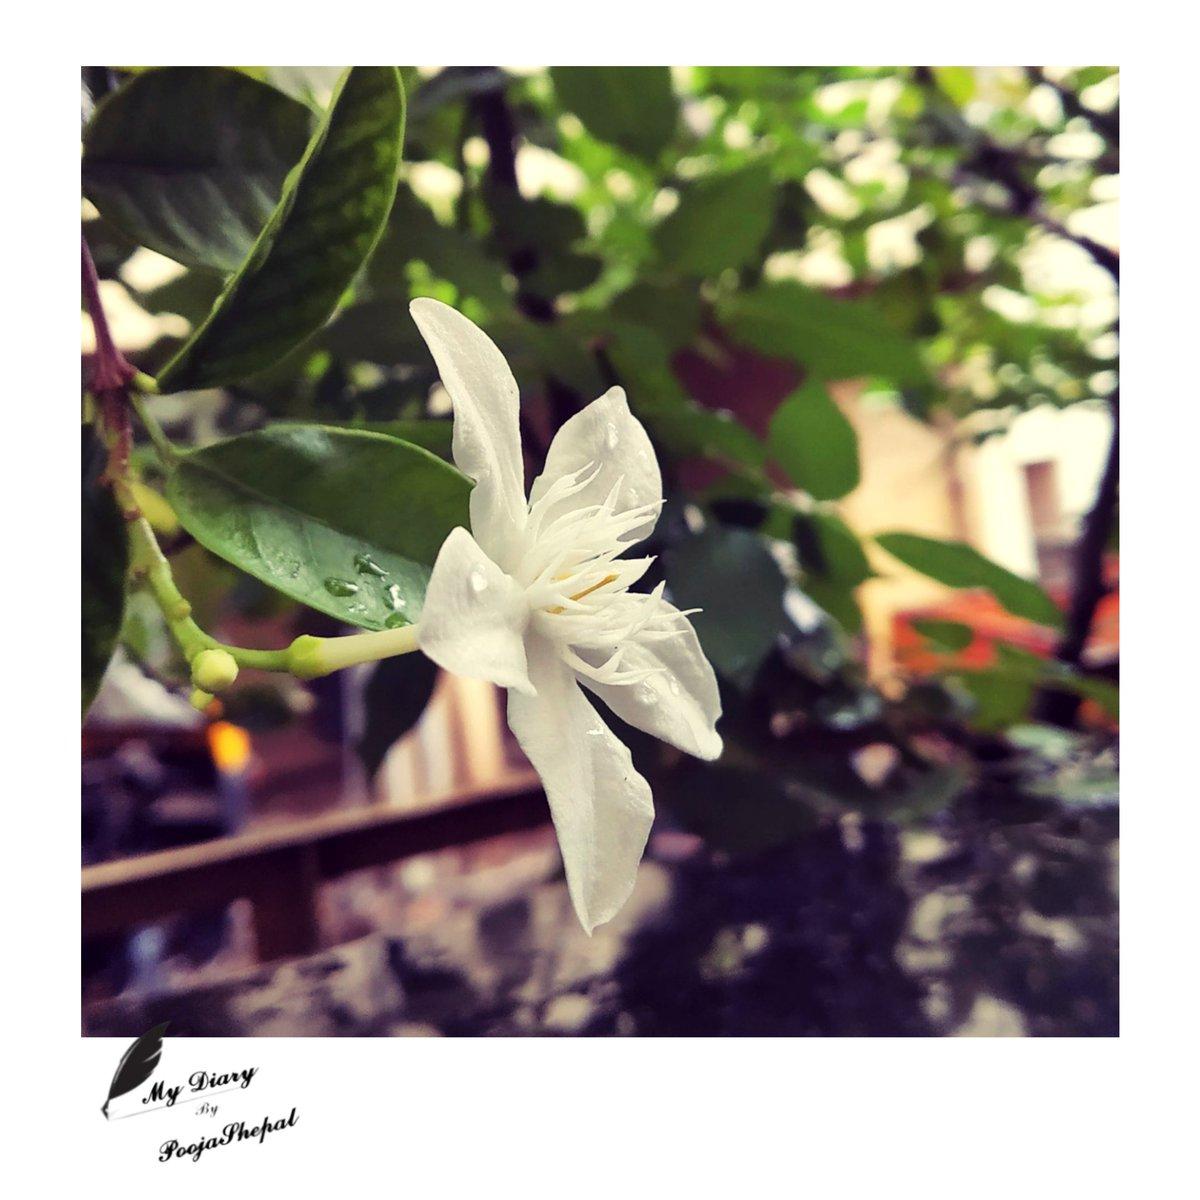 टुट कर भी फुल मेहेक ही जाता है, अँधेरा जो घिर जाए, जलकर भी दिया, उजाला बिखेर ही जाता है  ~Pooja Shepal @kavishala @Kavishala_Hindi @PoetsHouseIndia @PoetrySociety #inspirational #quote #quoteoftheday #hindipoetry #PoetsTwitter #Twitter #poem #MotivationalQuotes #Shayari